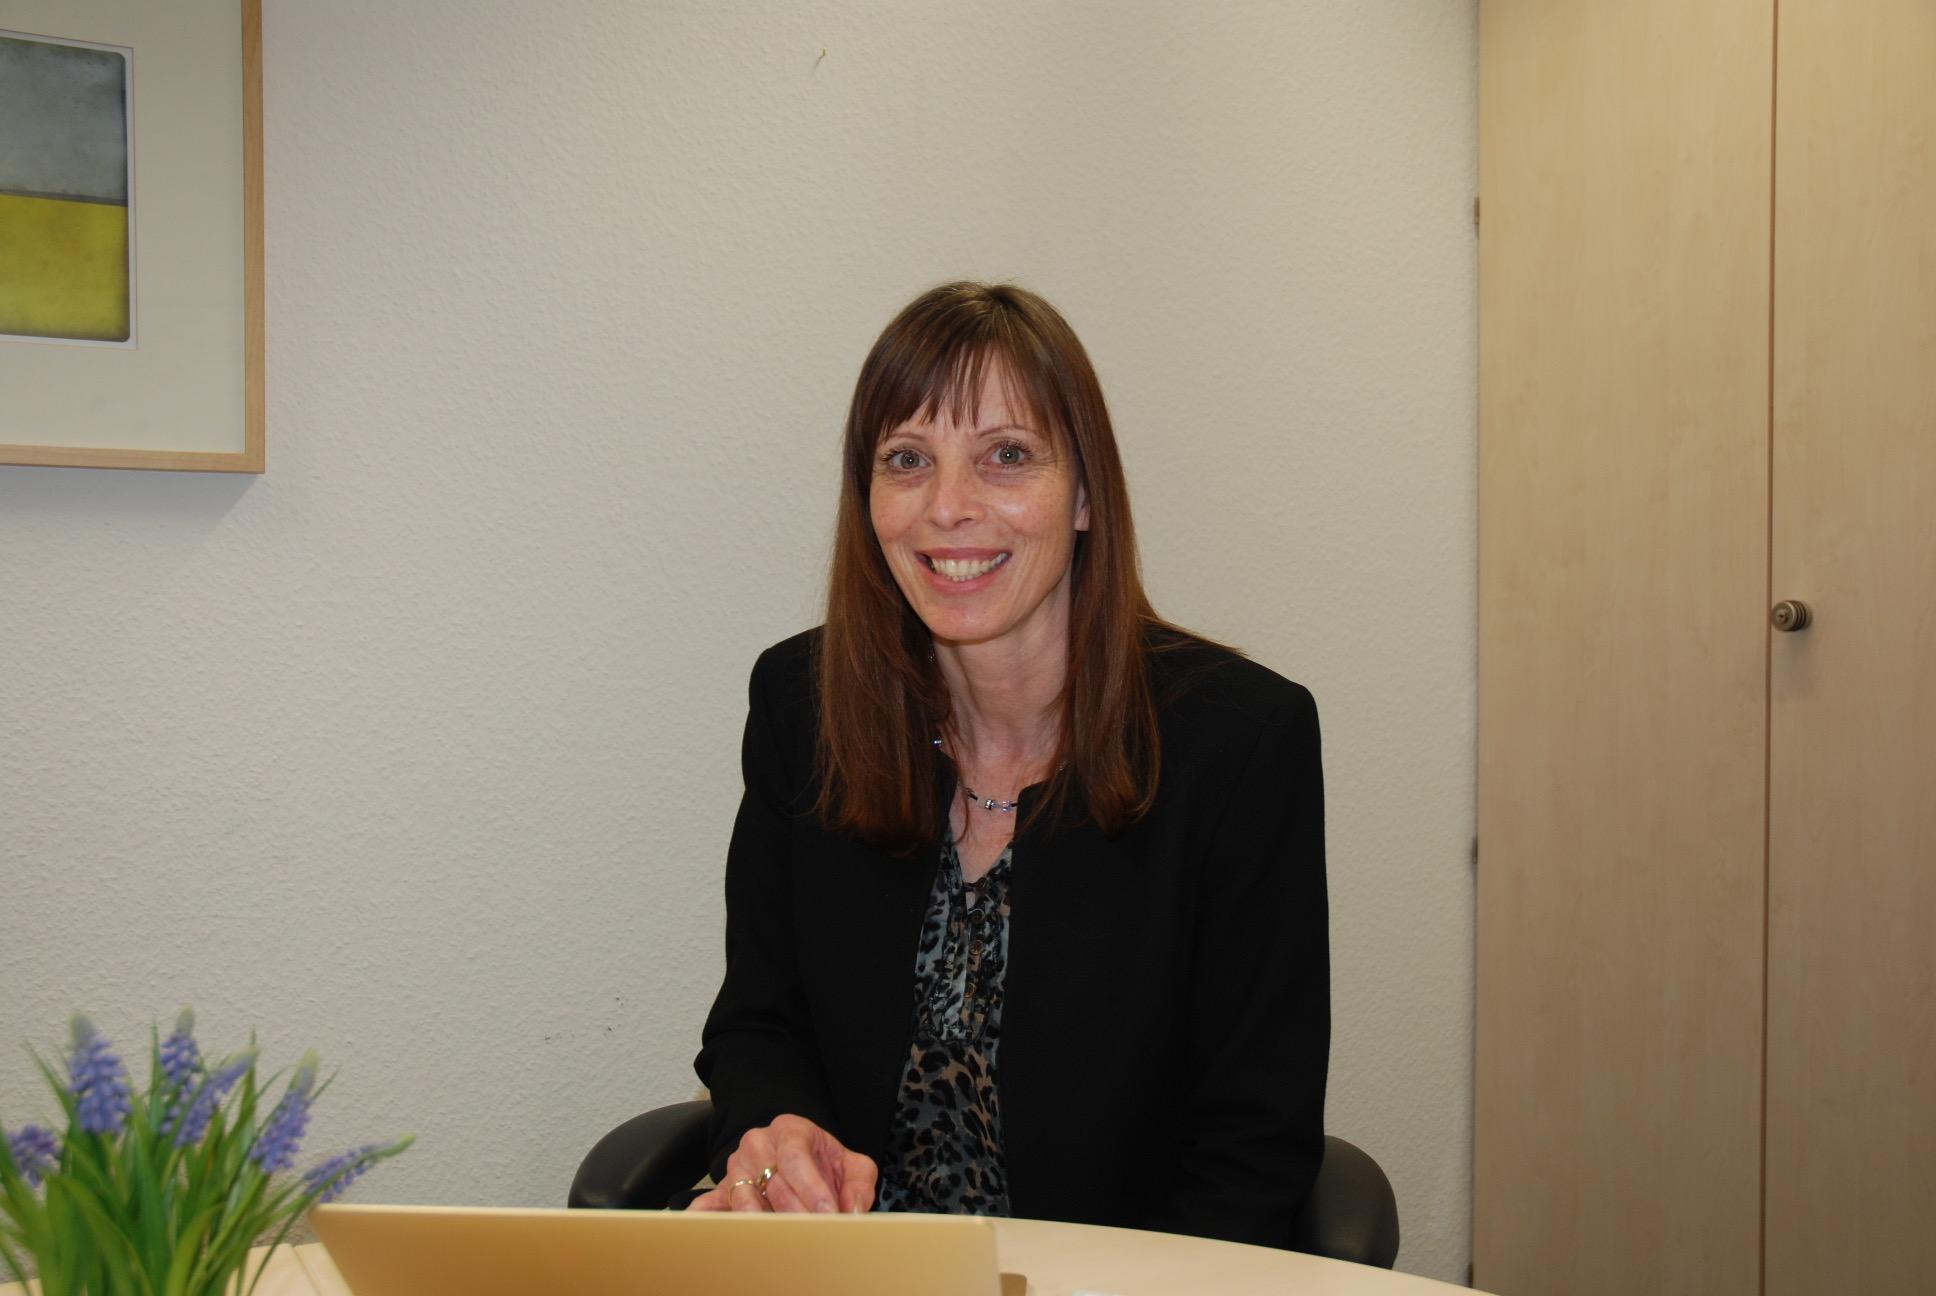 Andrea birke stellvertretende schulleiterin for Nc fur bwl studium